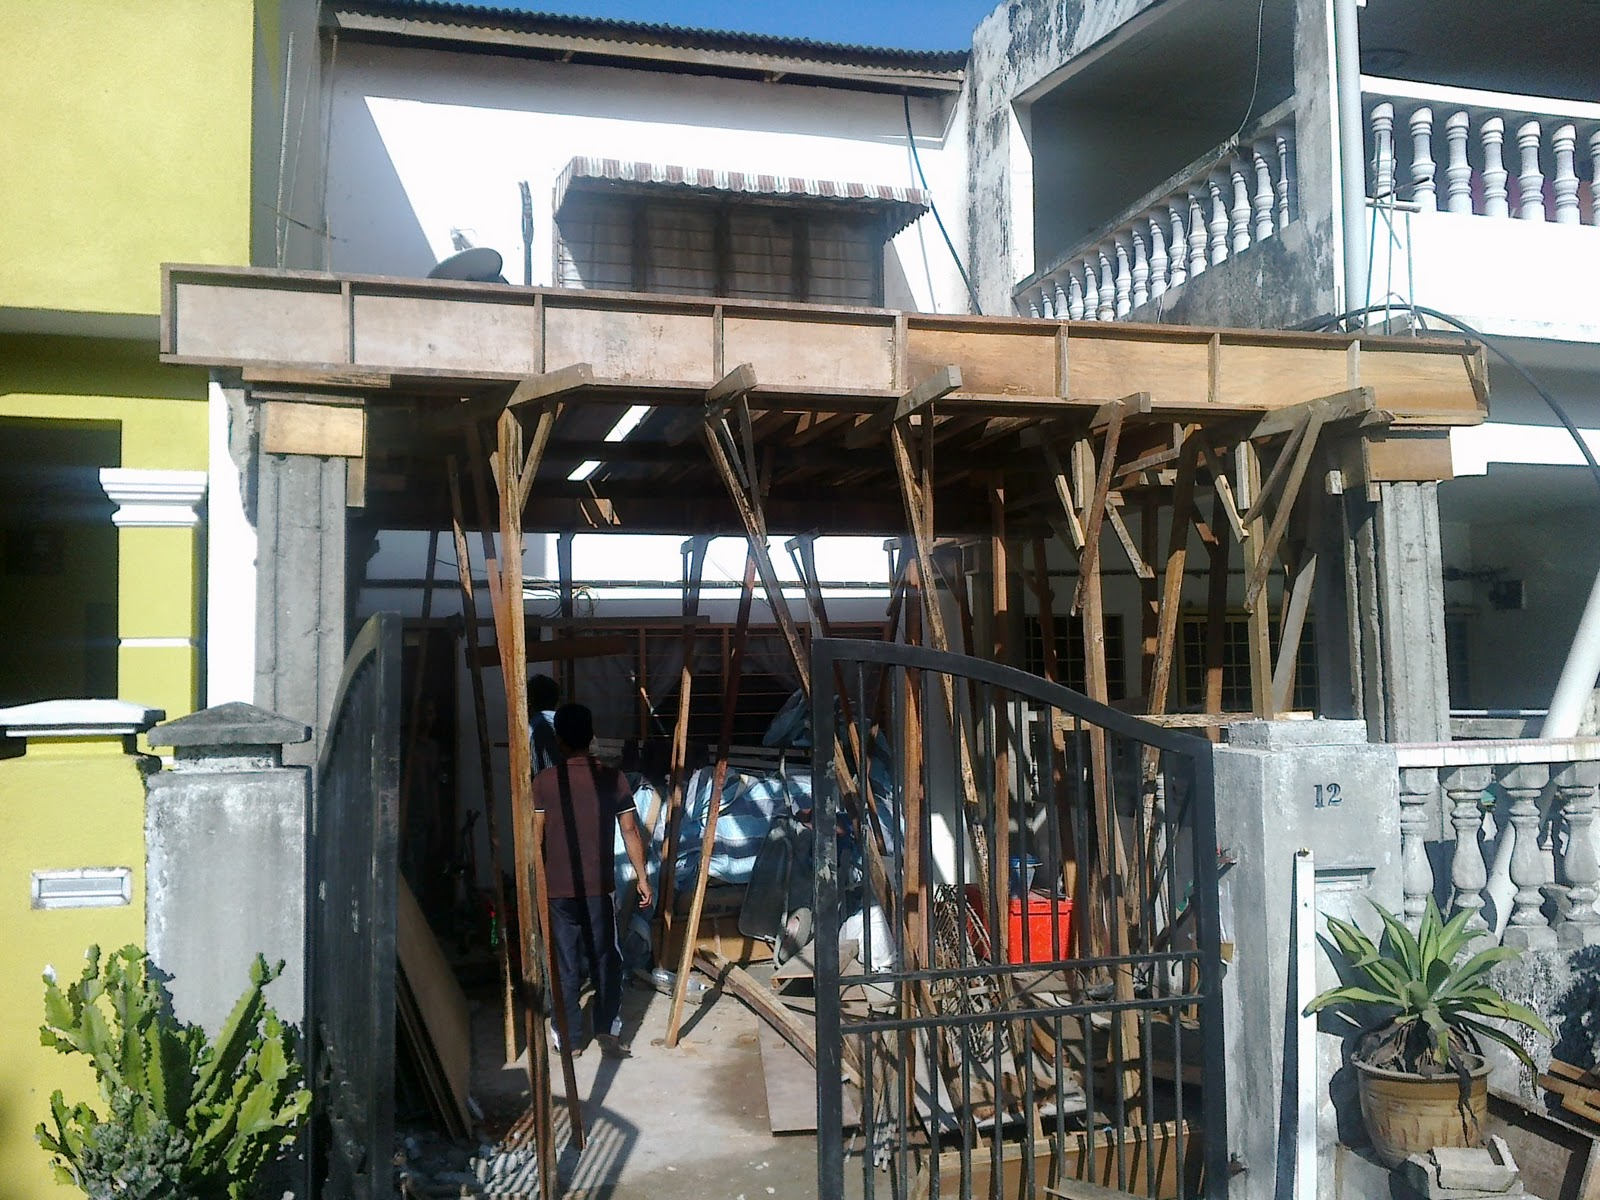 ... RUMAH TERES 2 TINGKAT DI BATU 3 SHAH ALAM. on kos wiring rumah teres